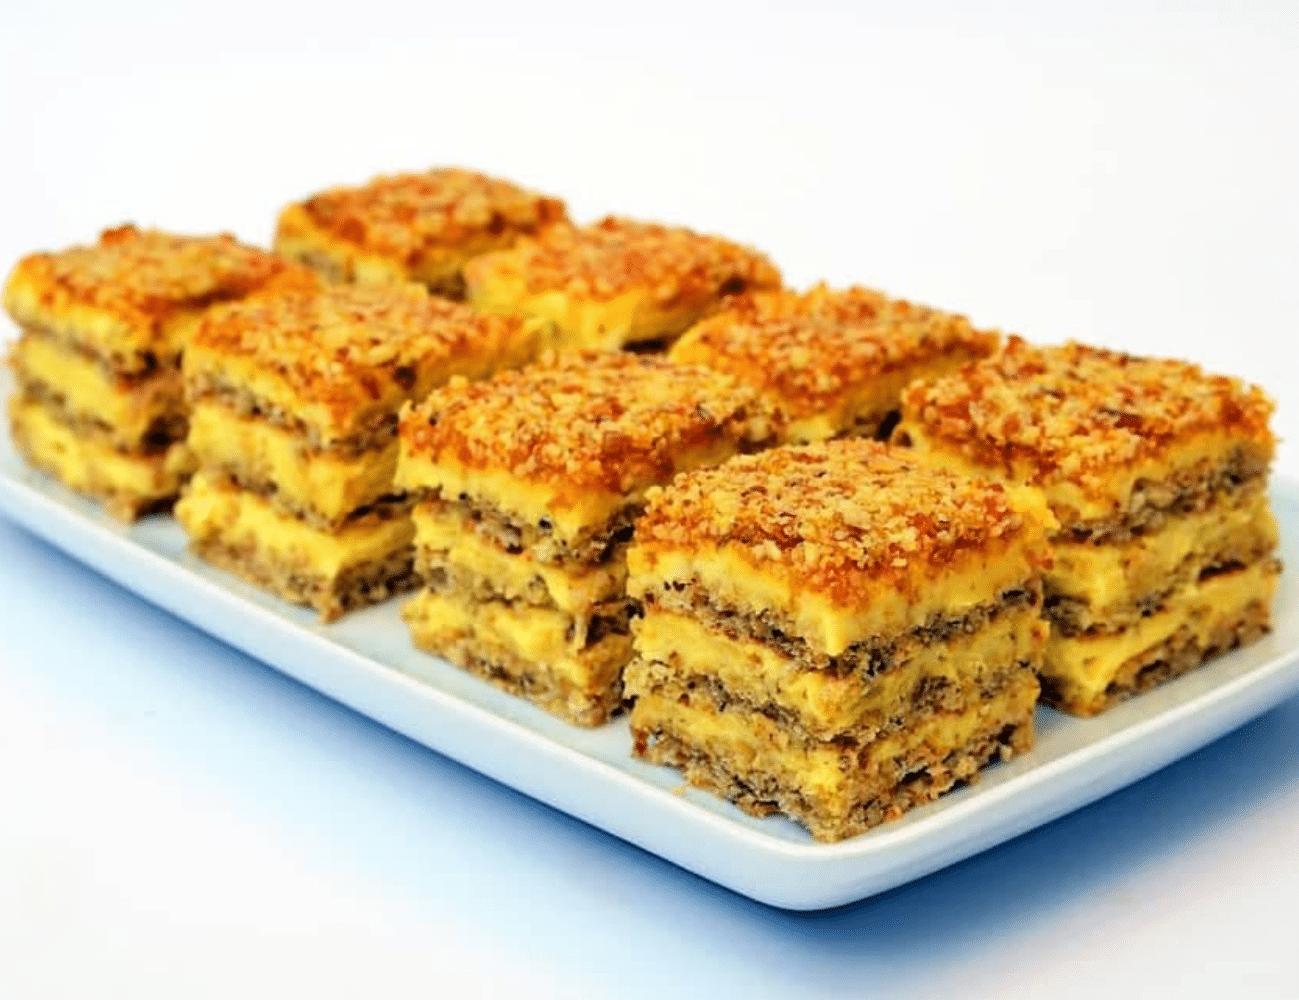 Crunchy Krantz Cake (Walnut Cake with Candied Walnuts)